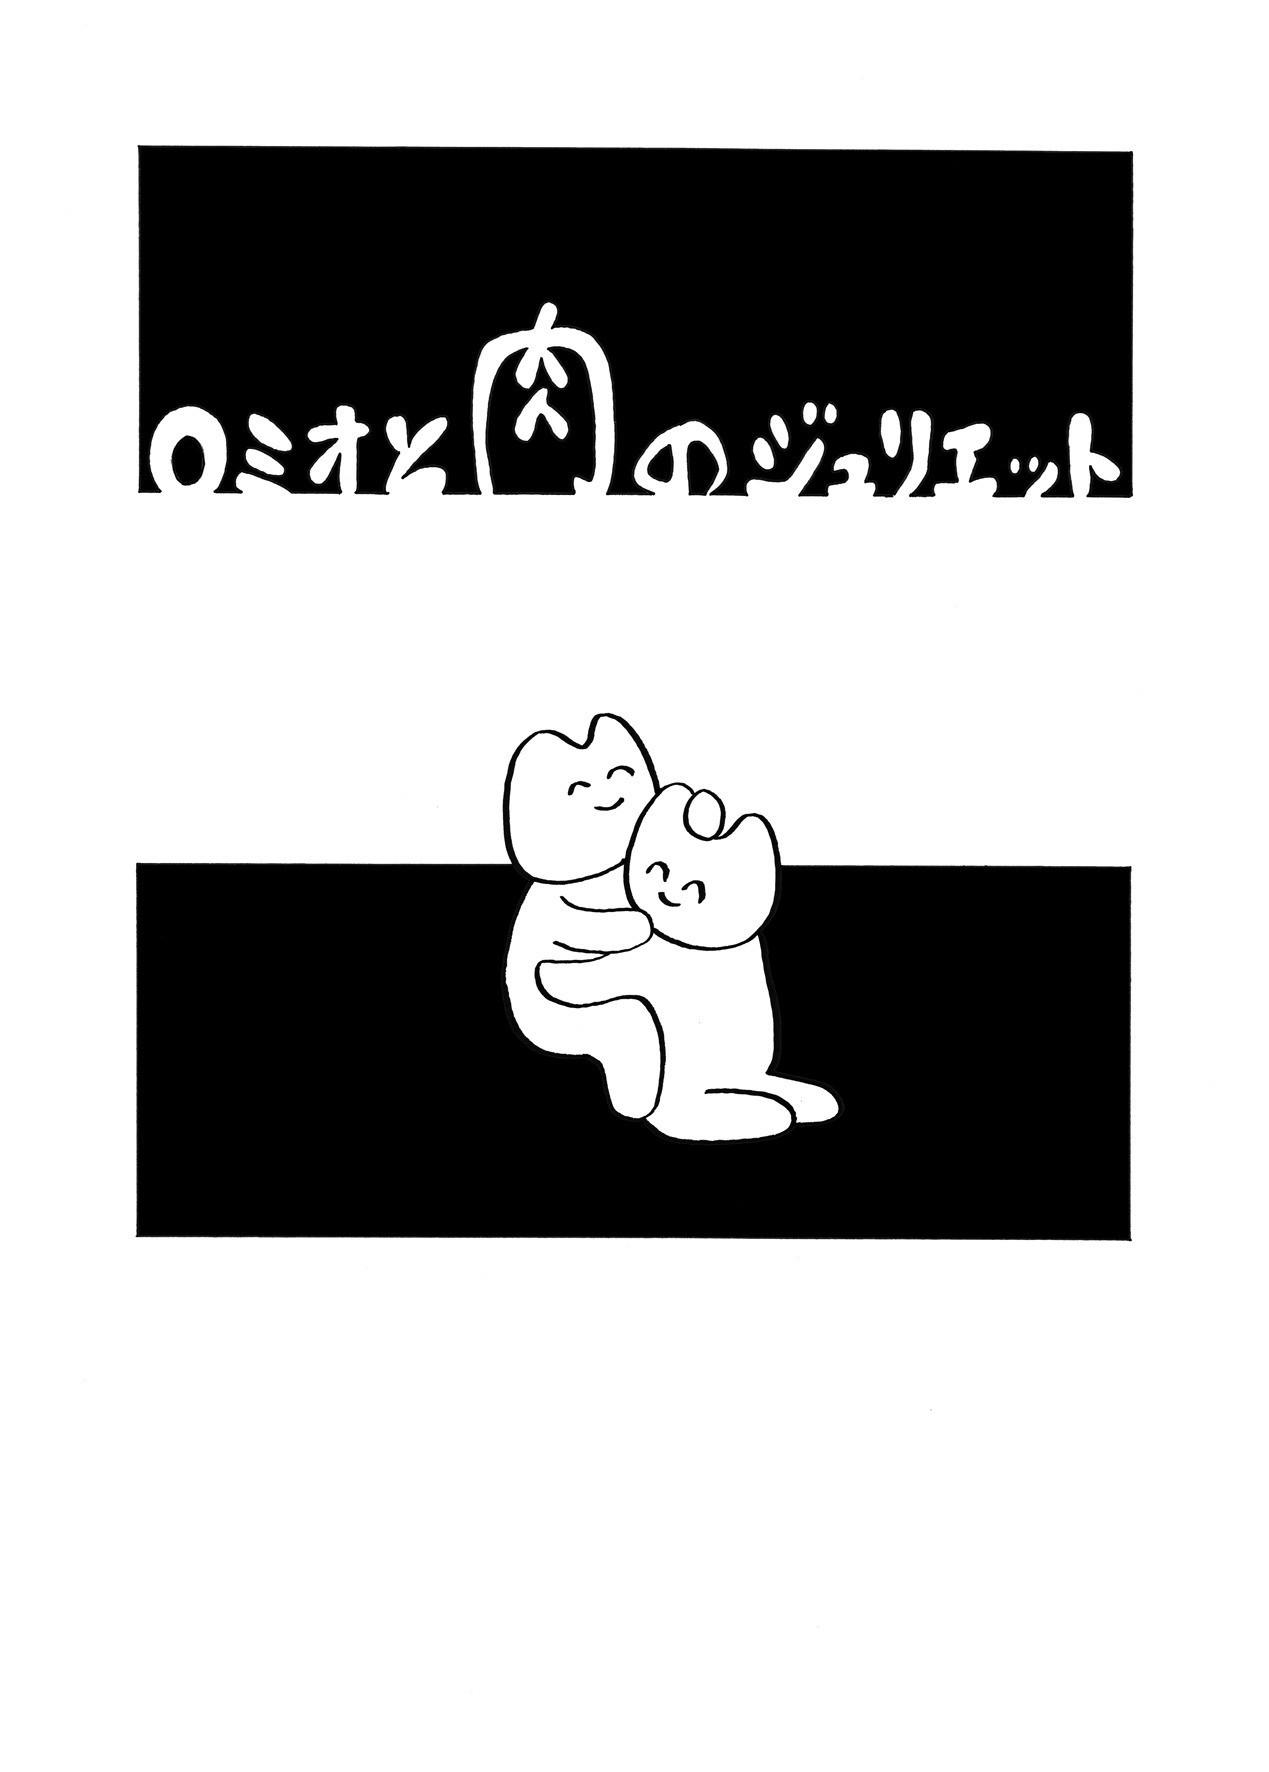 2018/5/5のコミティア124(スペースNo.え47a)で発行予定の漫画です。当日紙の本は100円で販売しますが、こちらで事前に無料公開する事にしました。